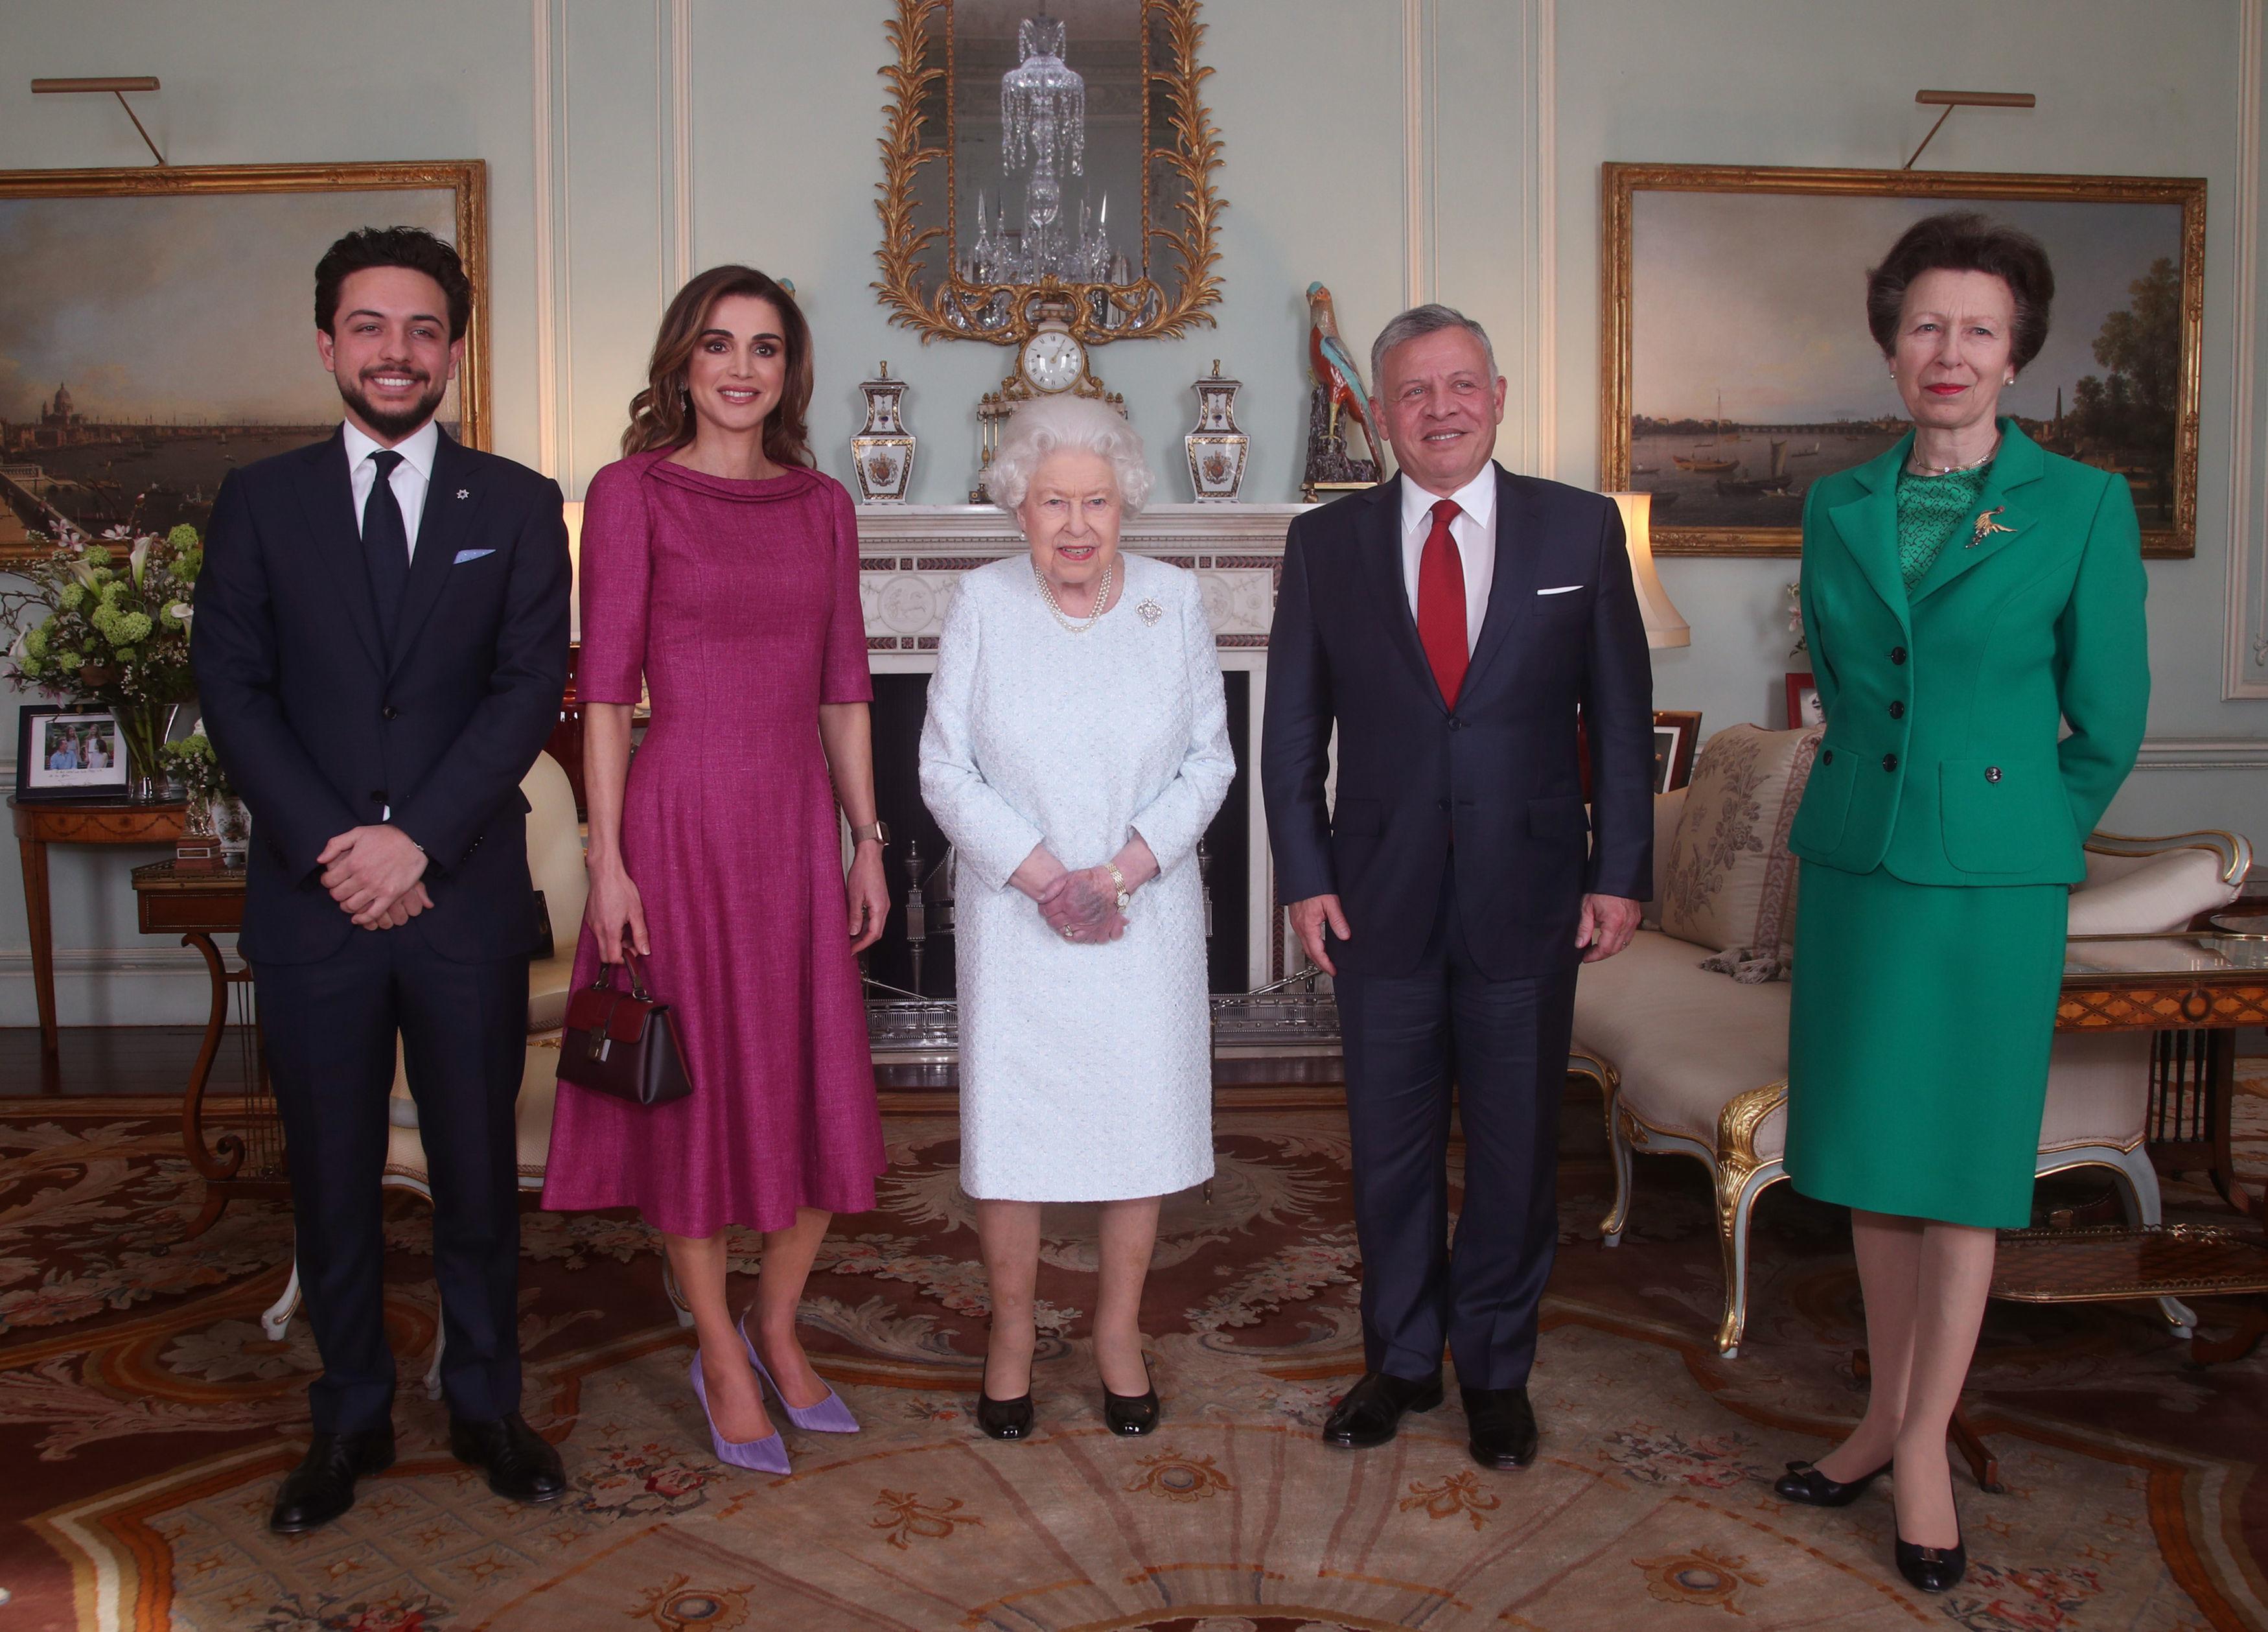 ملك الأردن يقضي عطلة العيد في بريطانيا،هل سيلتقي شقيقته الأميرة هيا؟